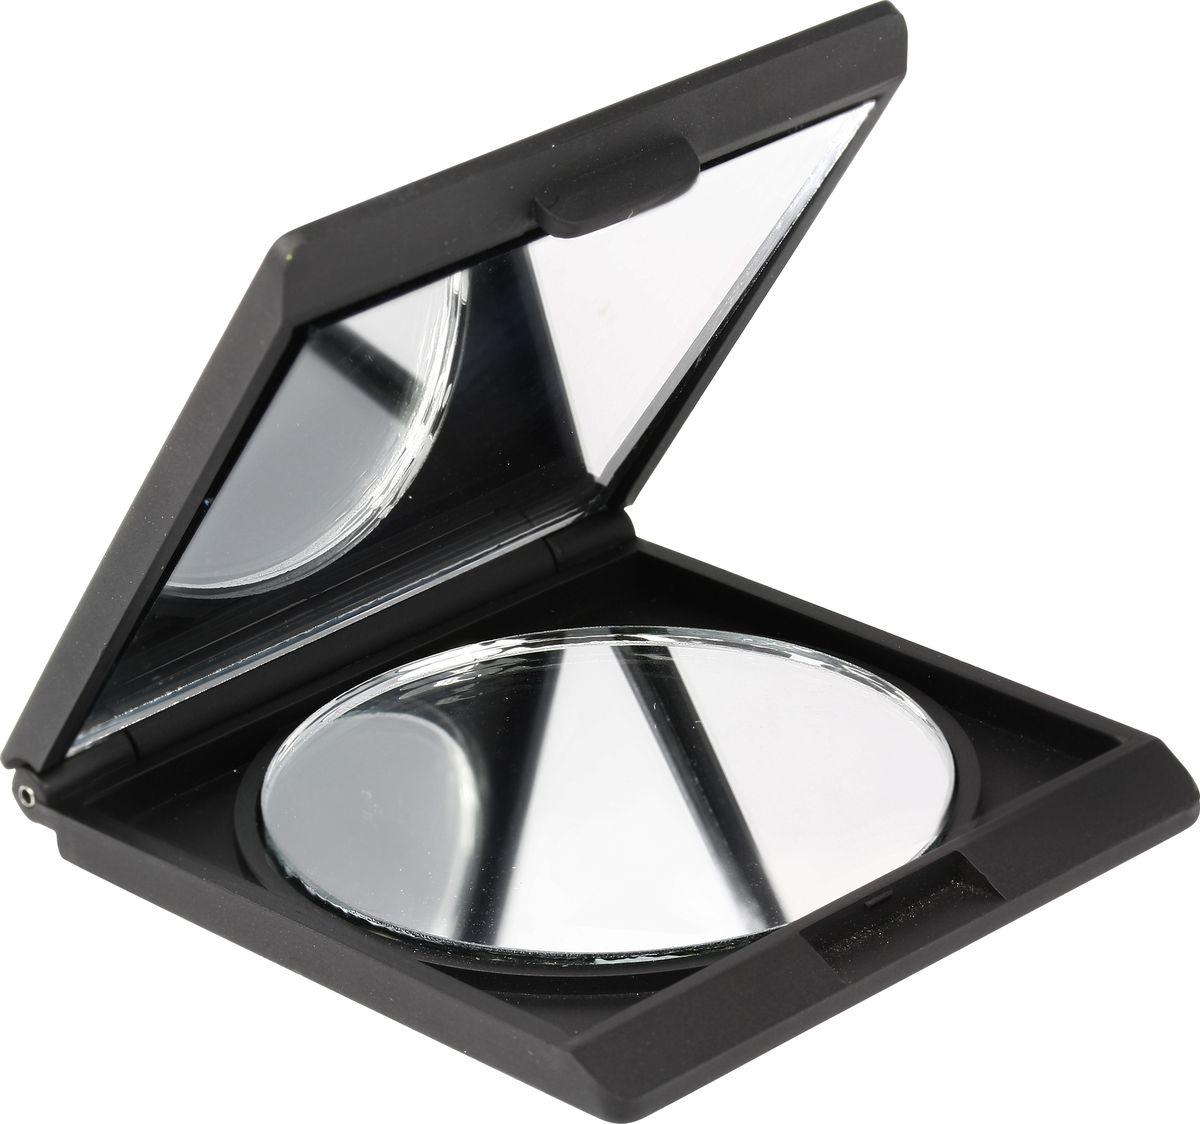 QVS Компактное зеркало для макияжа. 82-10-173182-10-1731Обычное отражение 2-кратное увеличение Идеальный компактный размер для женской сумочки или косметички